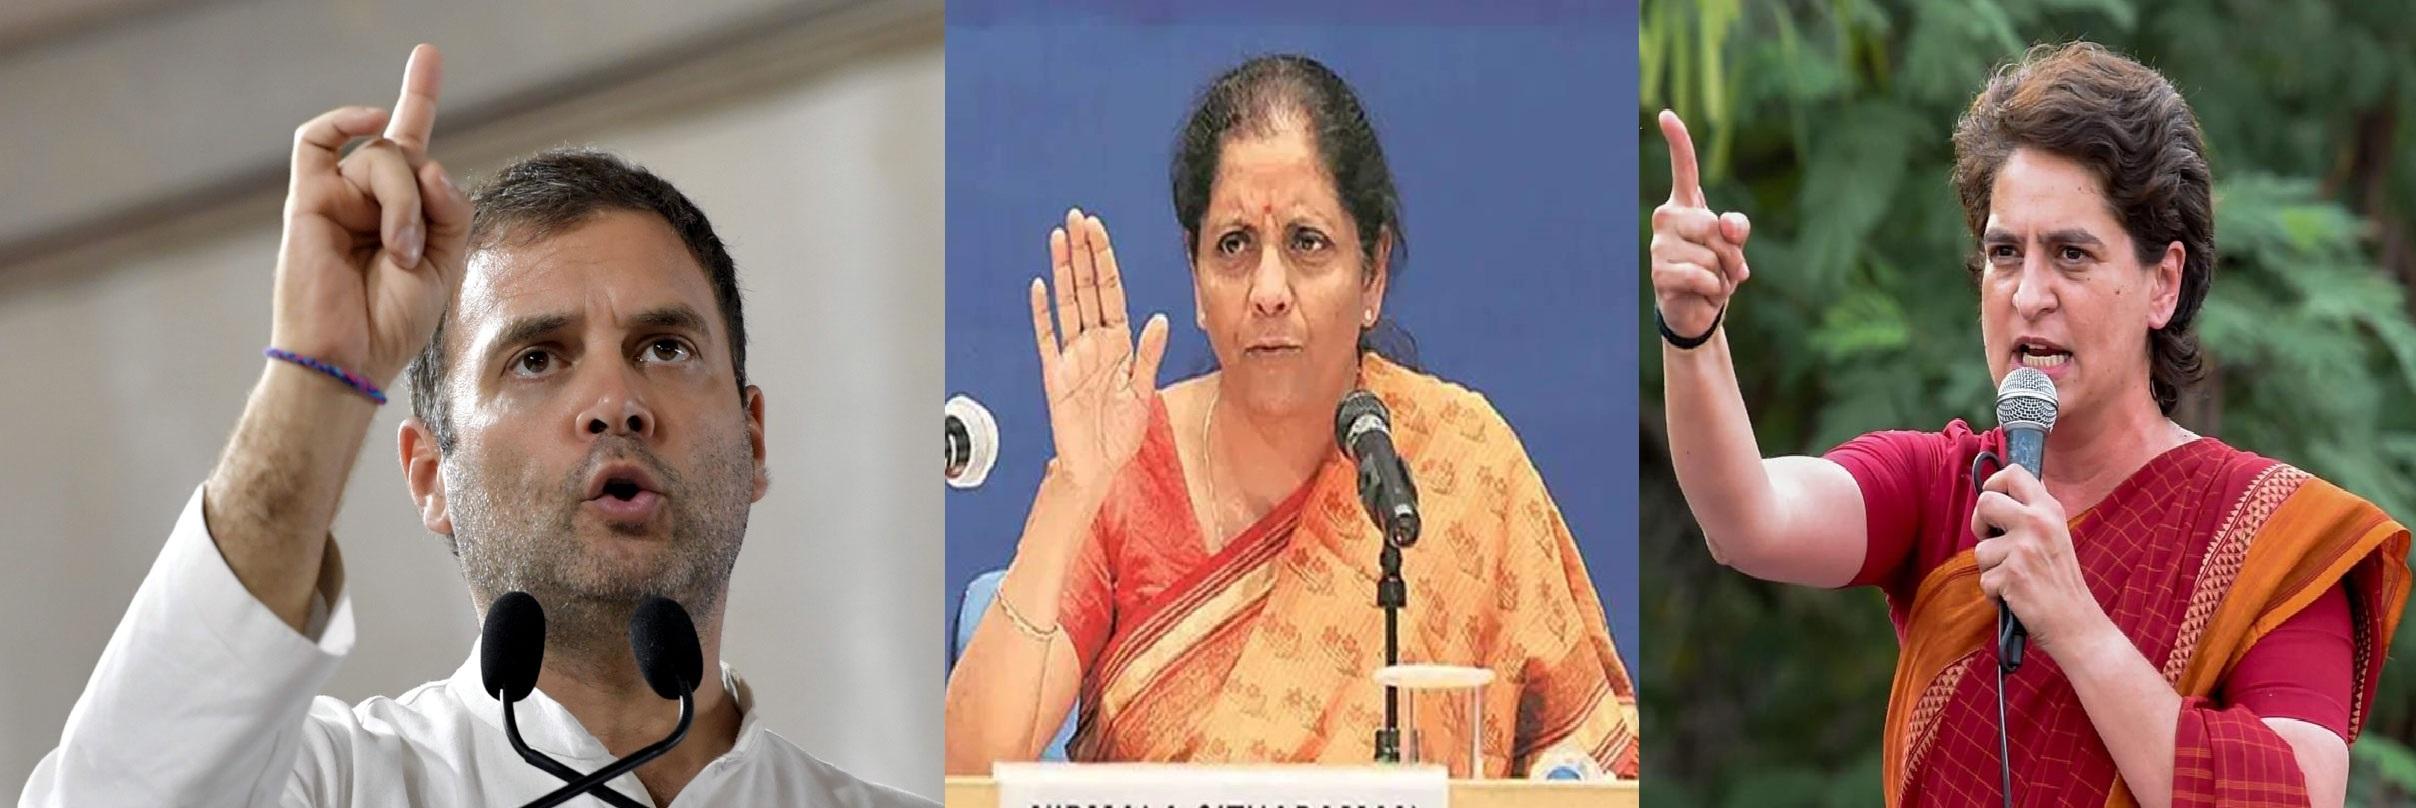 ब्याज दरें घटाने का फ़ैसला वापस, वित्त मंत्री ने दी जानकारी, राहुल प्रियंका ने साधा निशाना